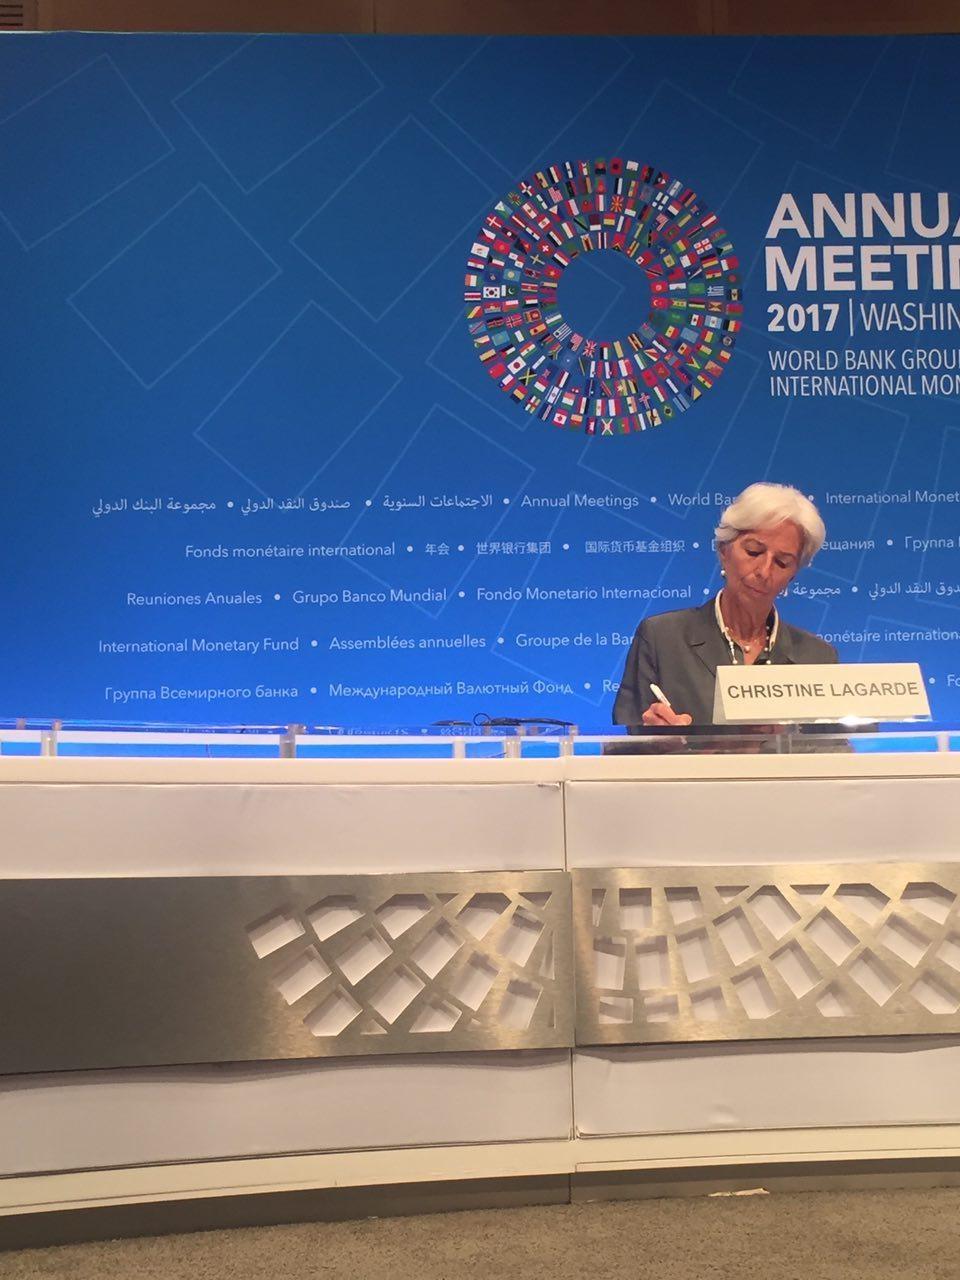 لاگارد: هیچ دلیلی برای تغییر سیاستها درباره ایران وجود ندارد